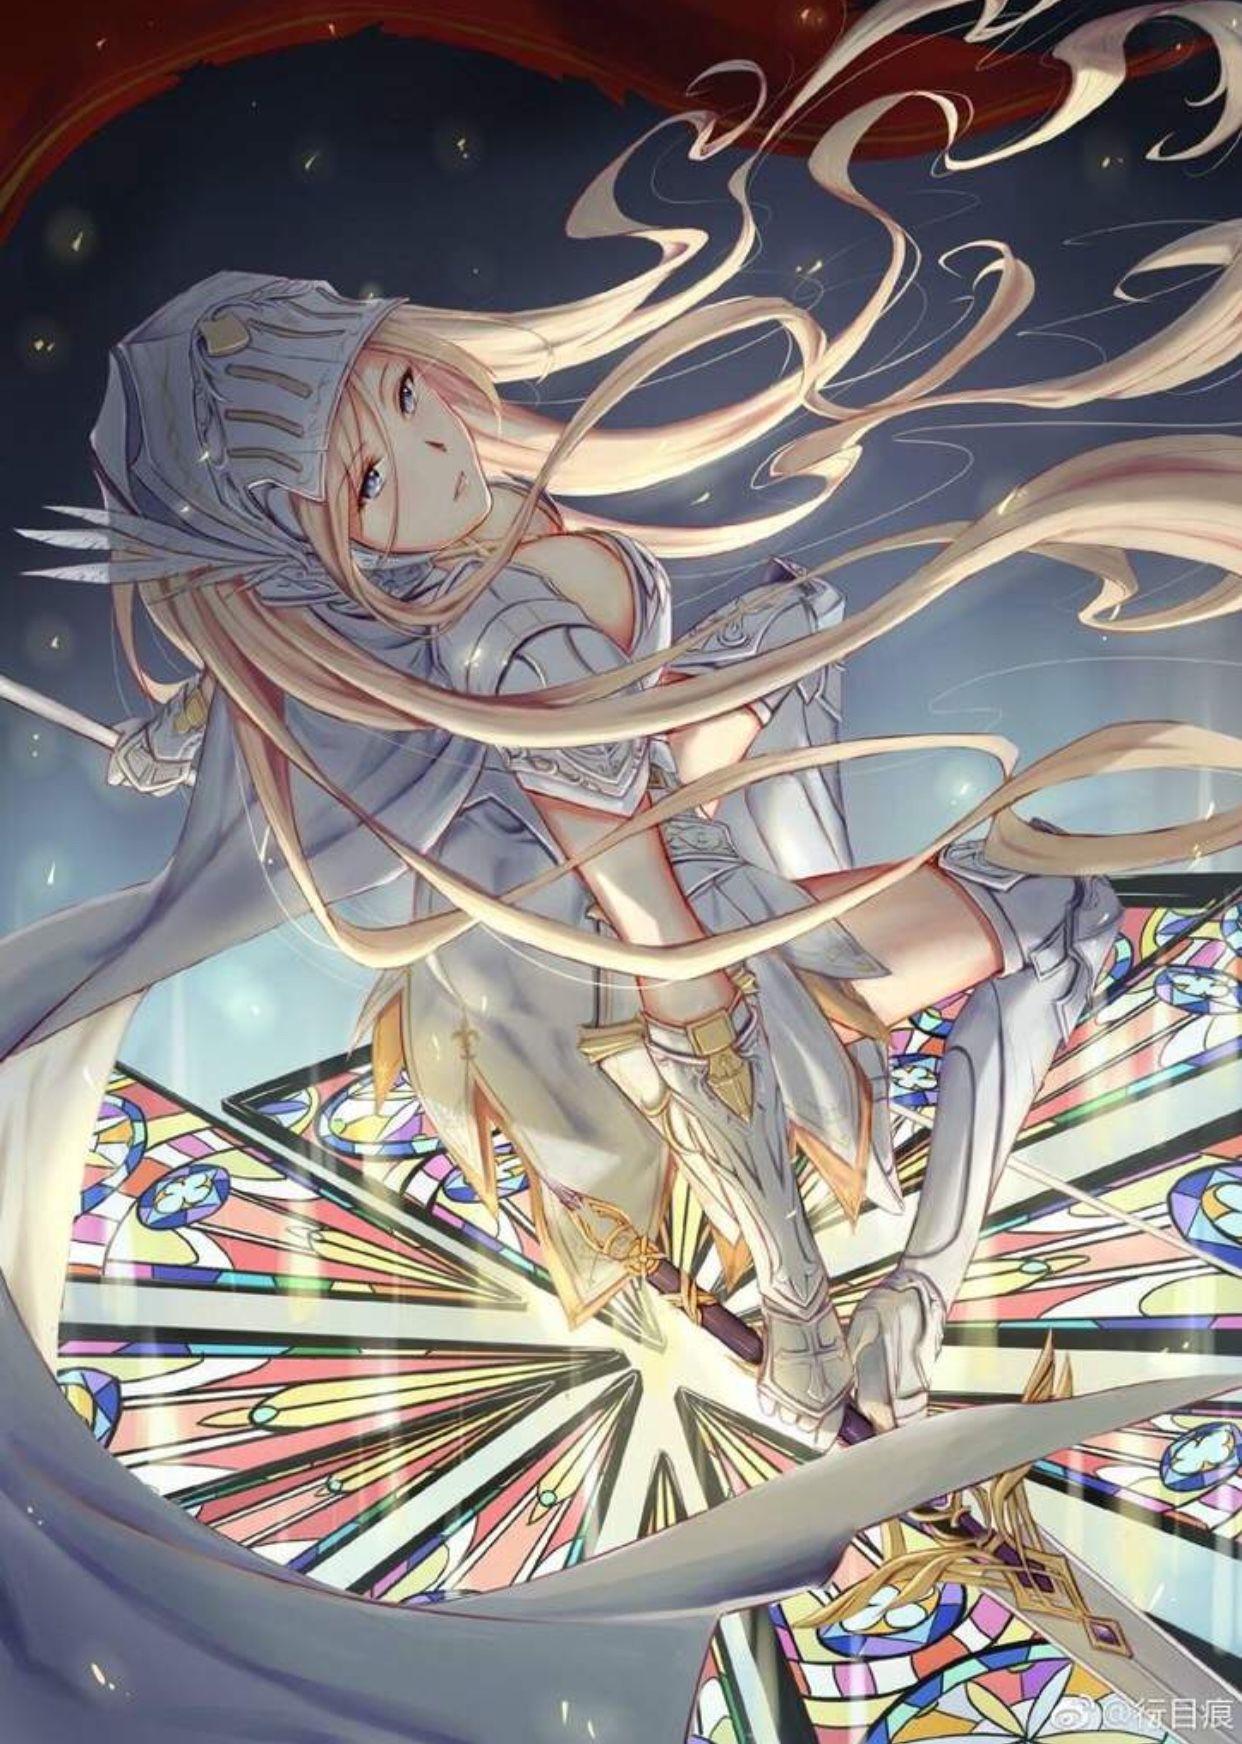 Pin by Animewhizz on Love Nikki Anime art fantasy, Anime